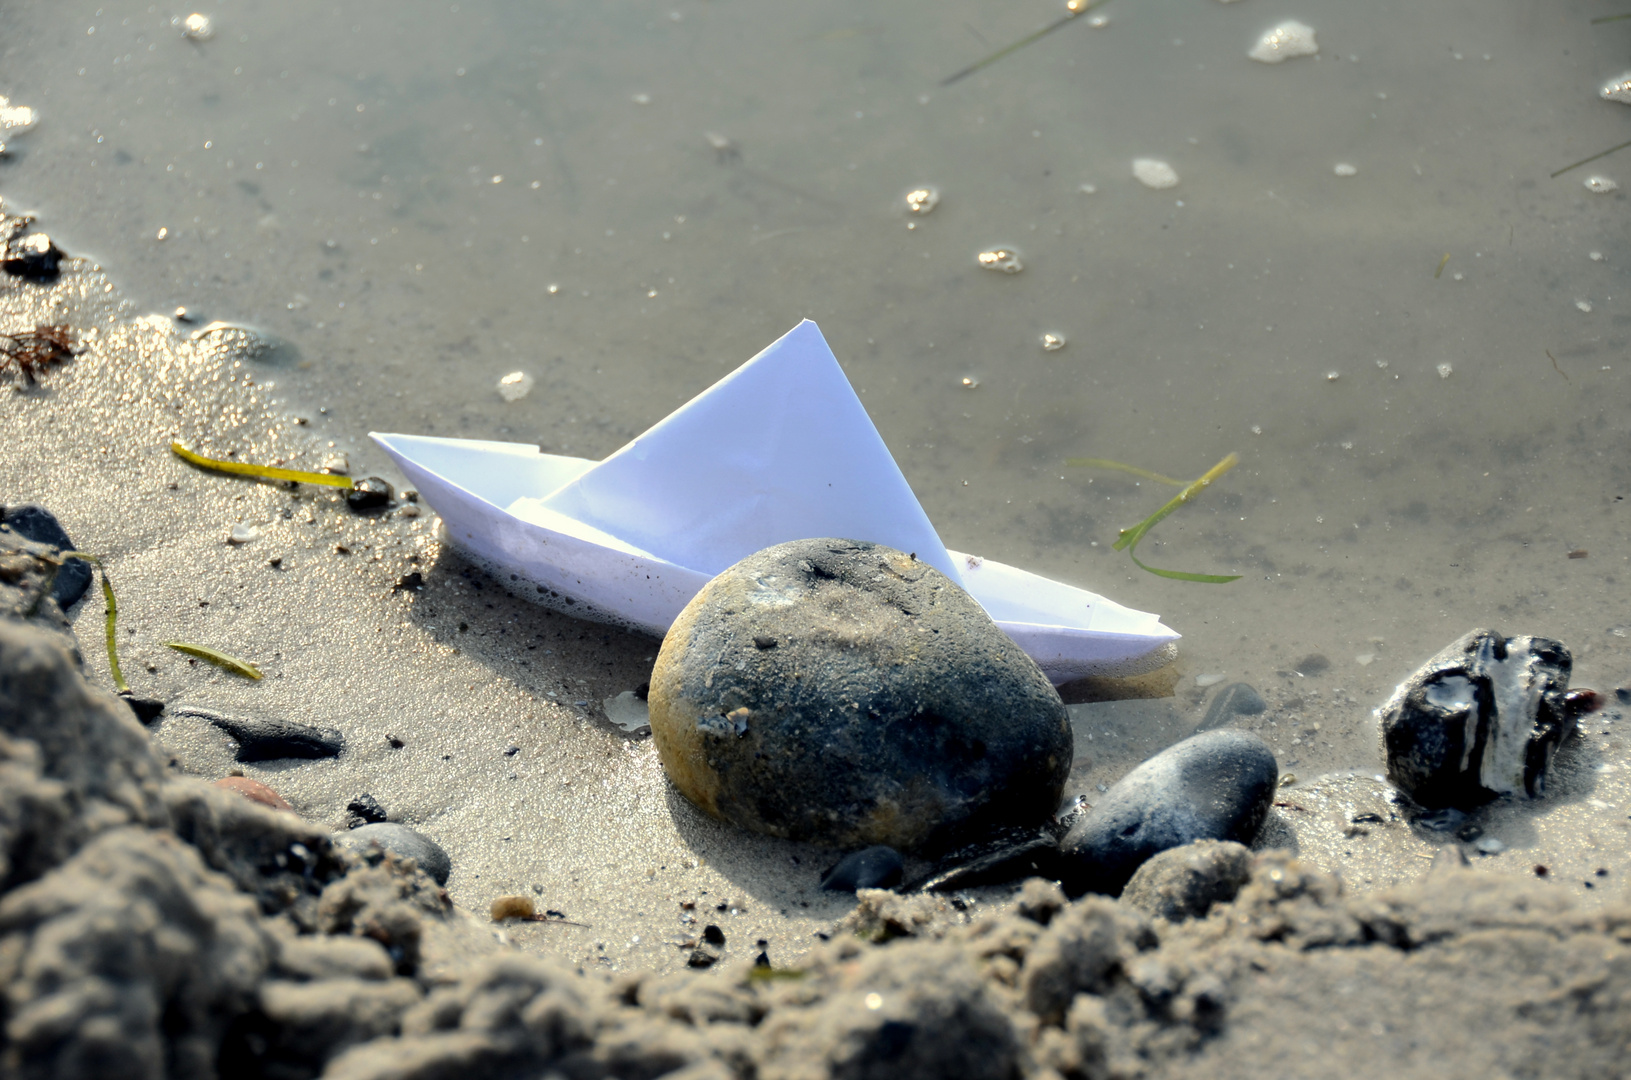 Die ersten Urlauber lassen spuren am Strand von der Insel